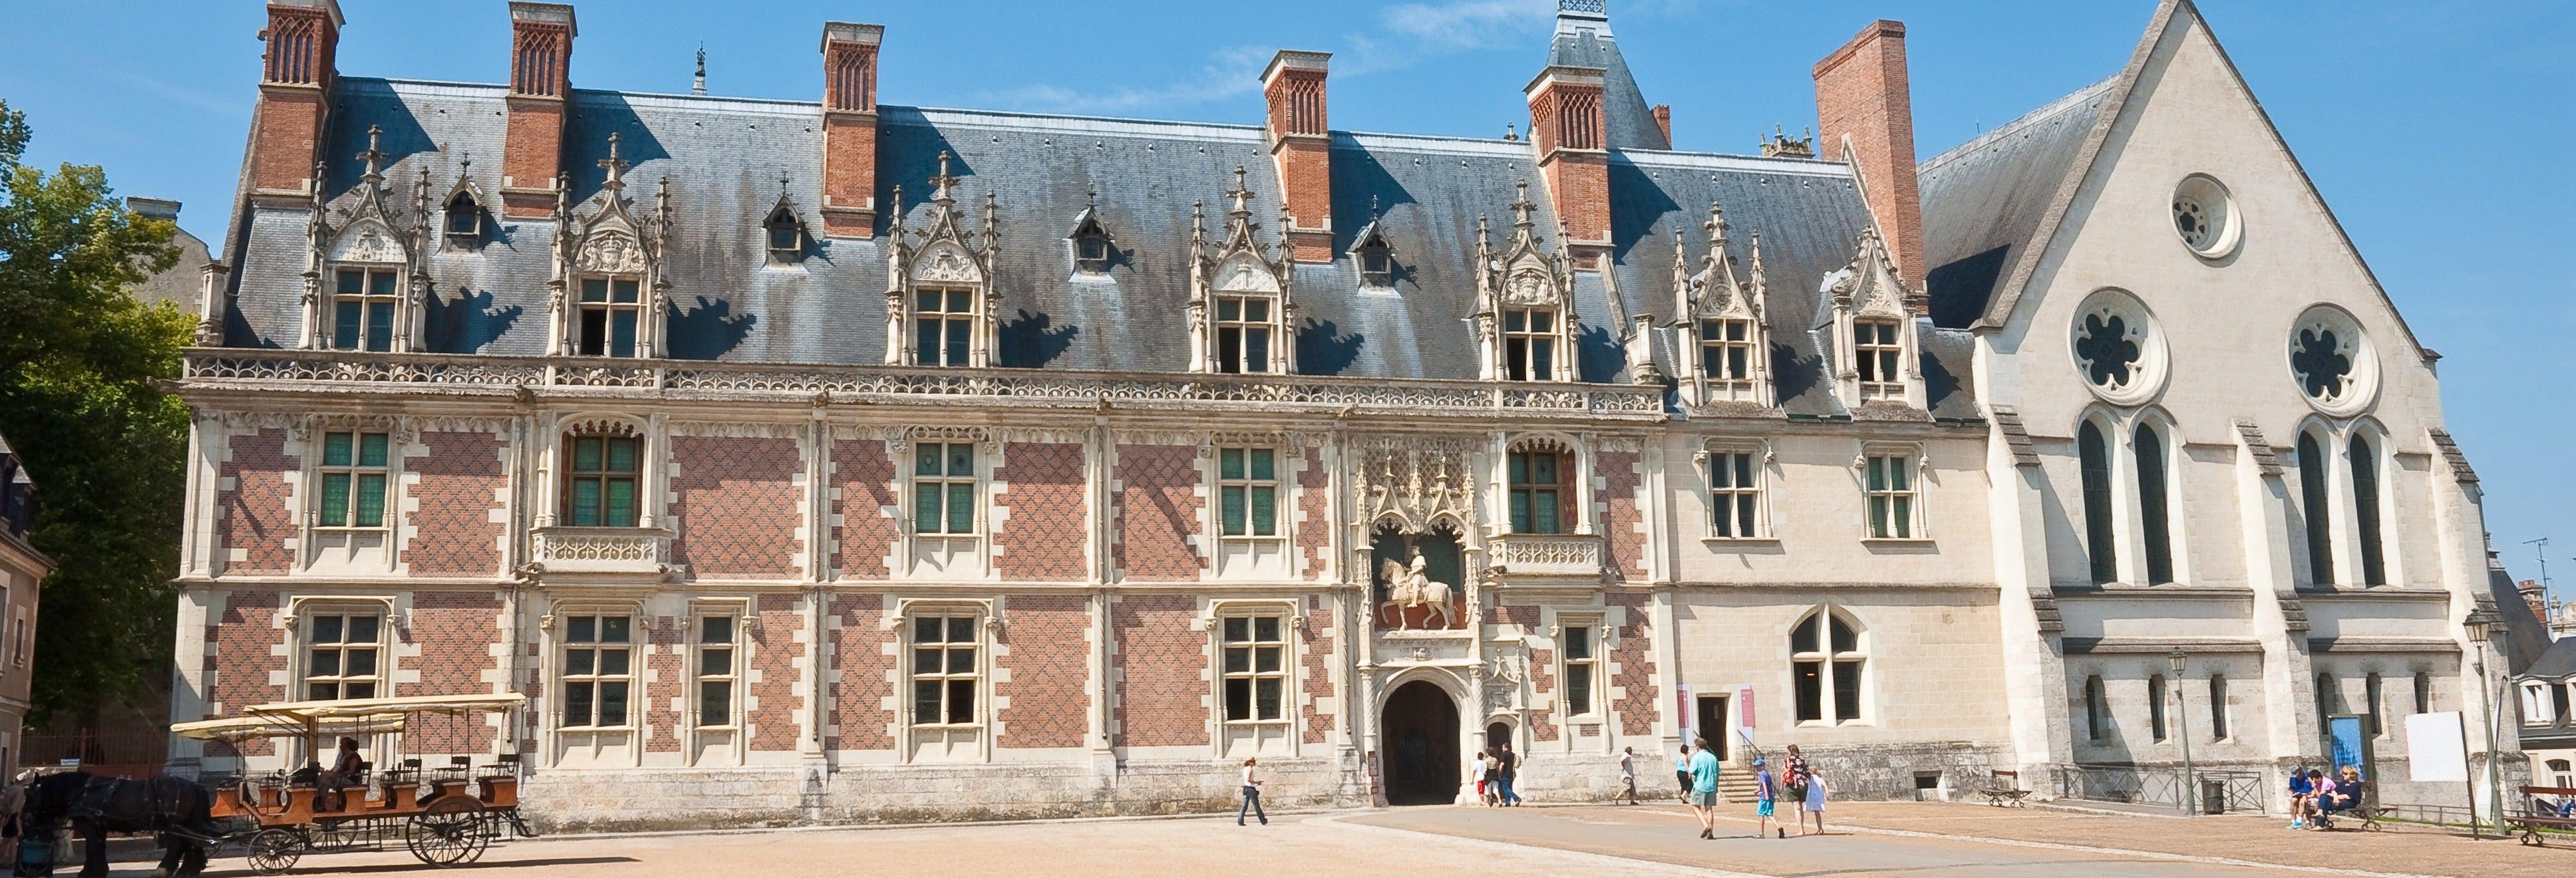 Entrada al castillo de Blois sin colas